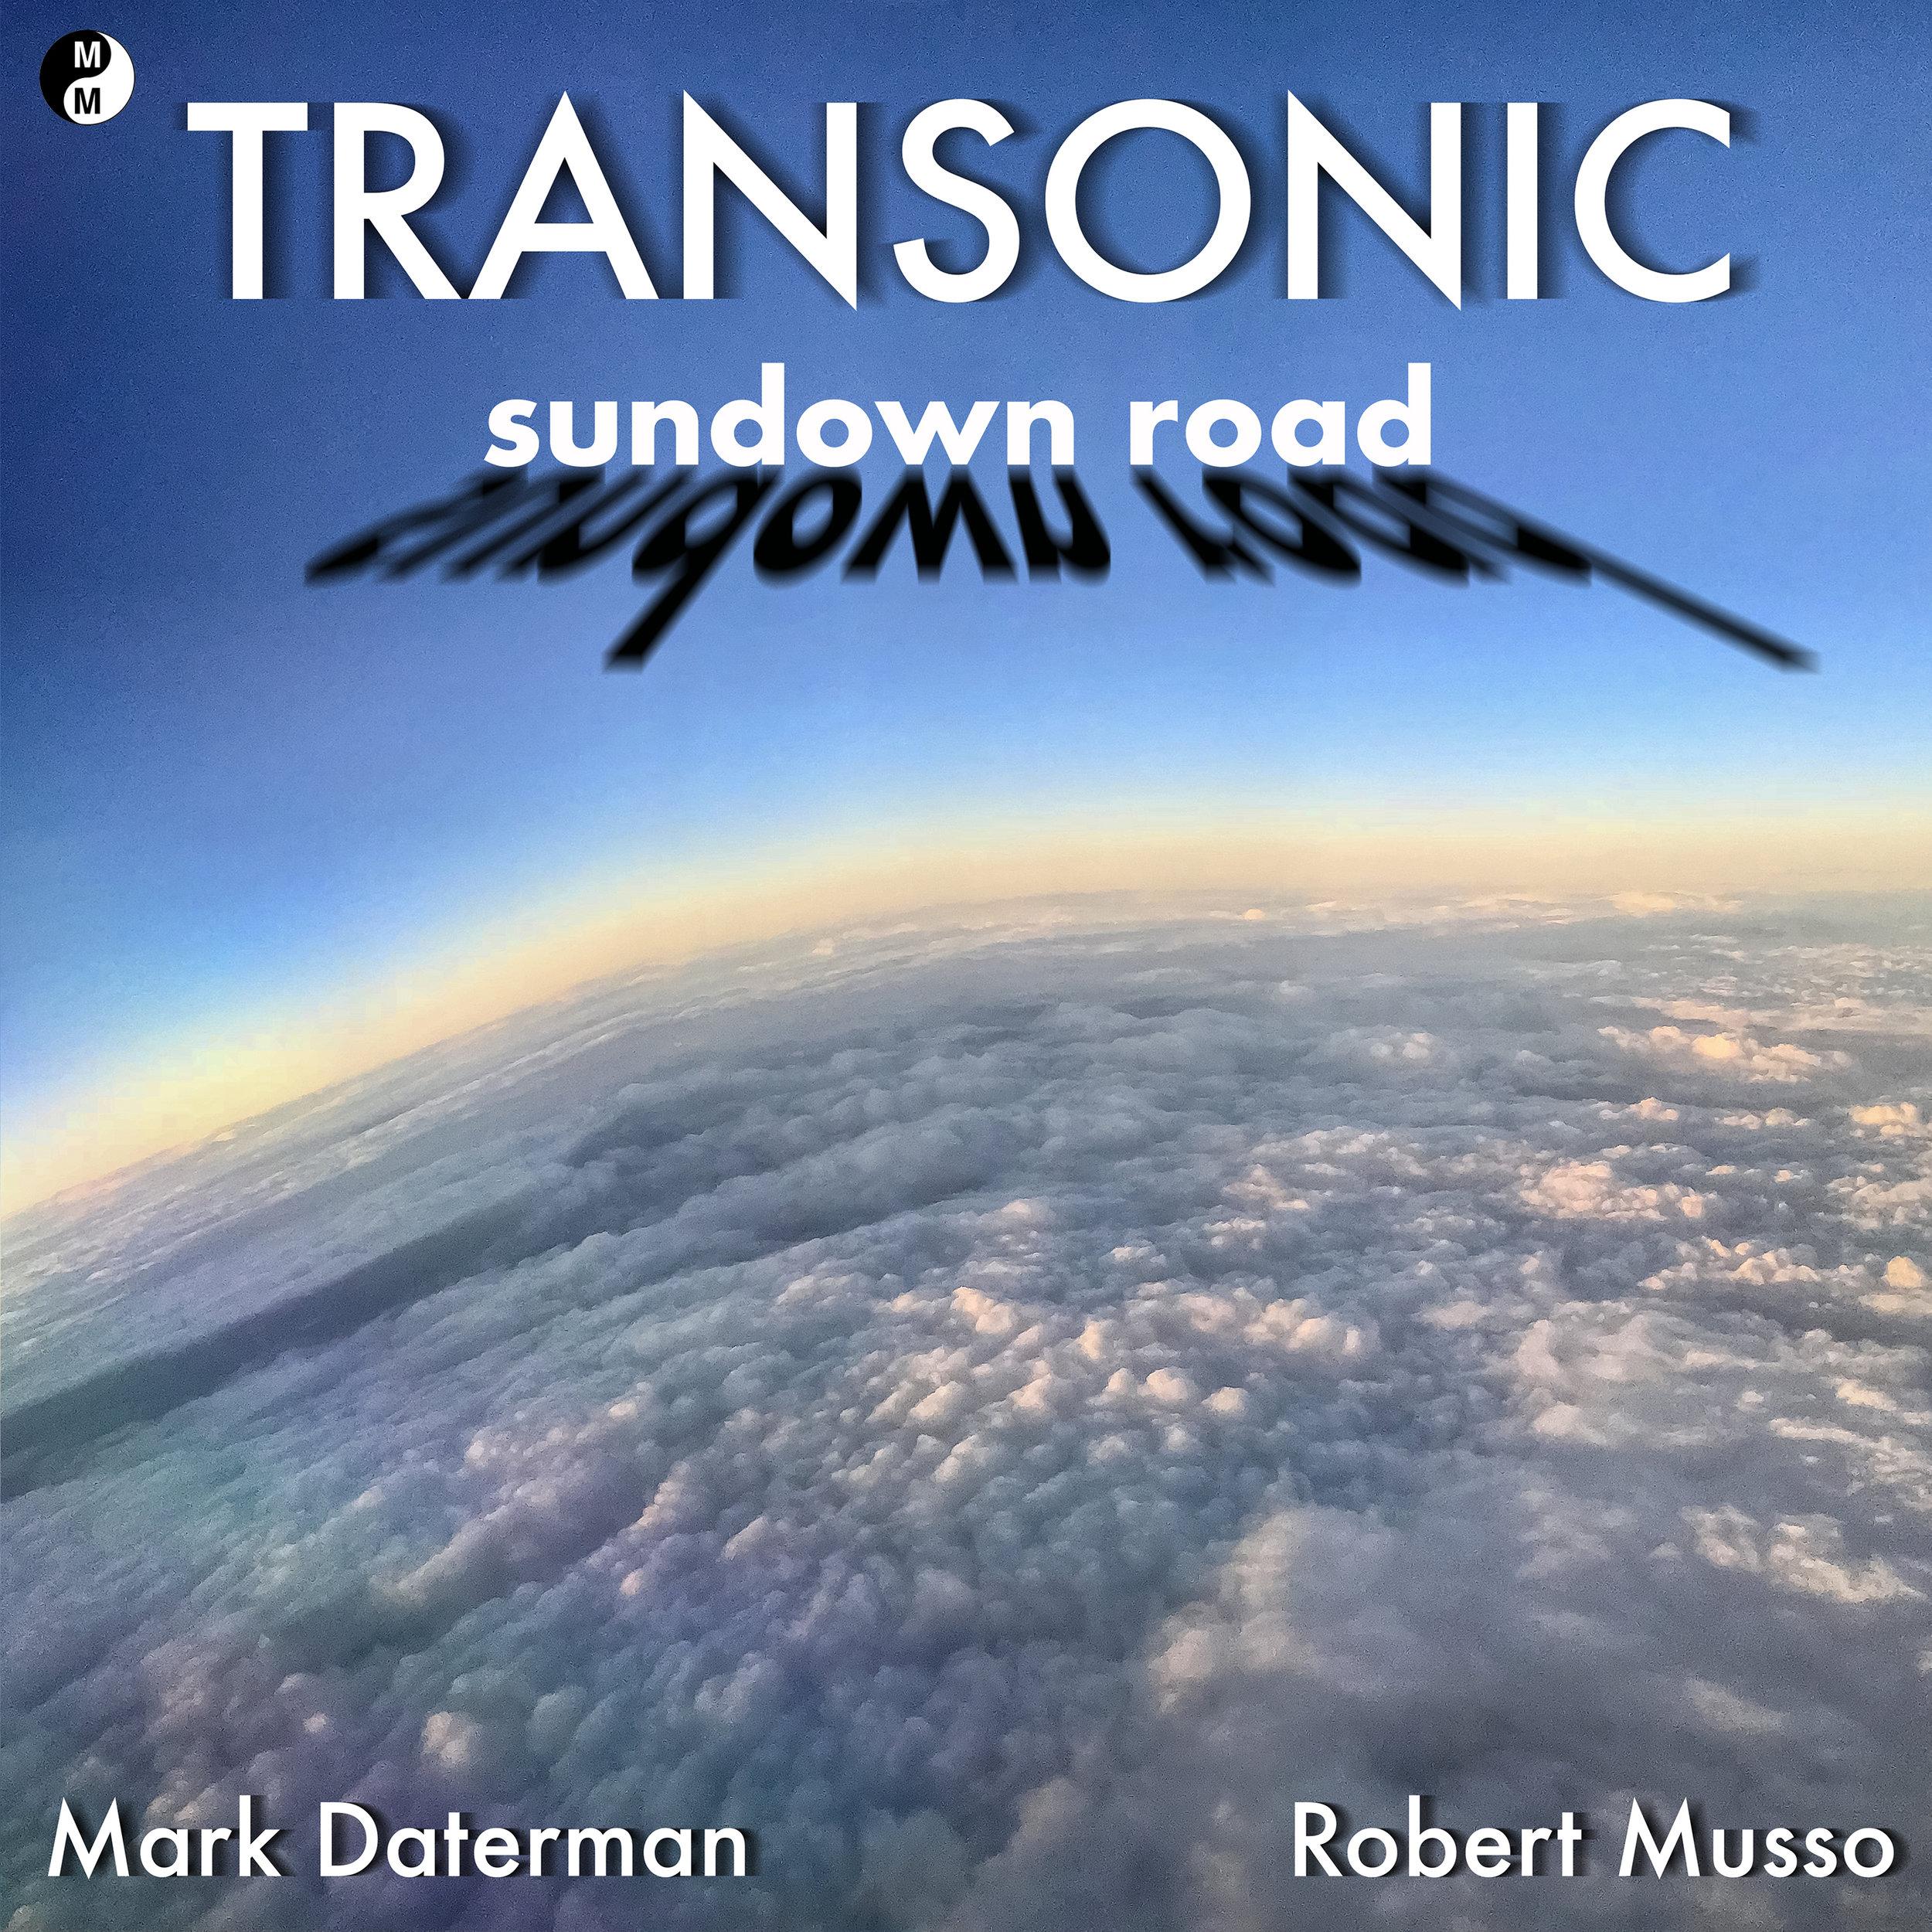 Transonic - Sundown Road –EP Robert Musso & Mark Daterman